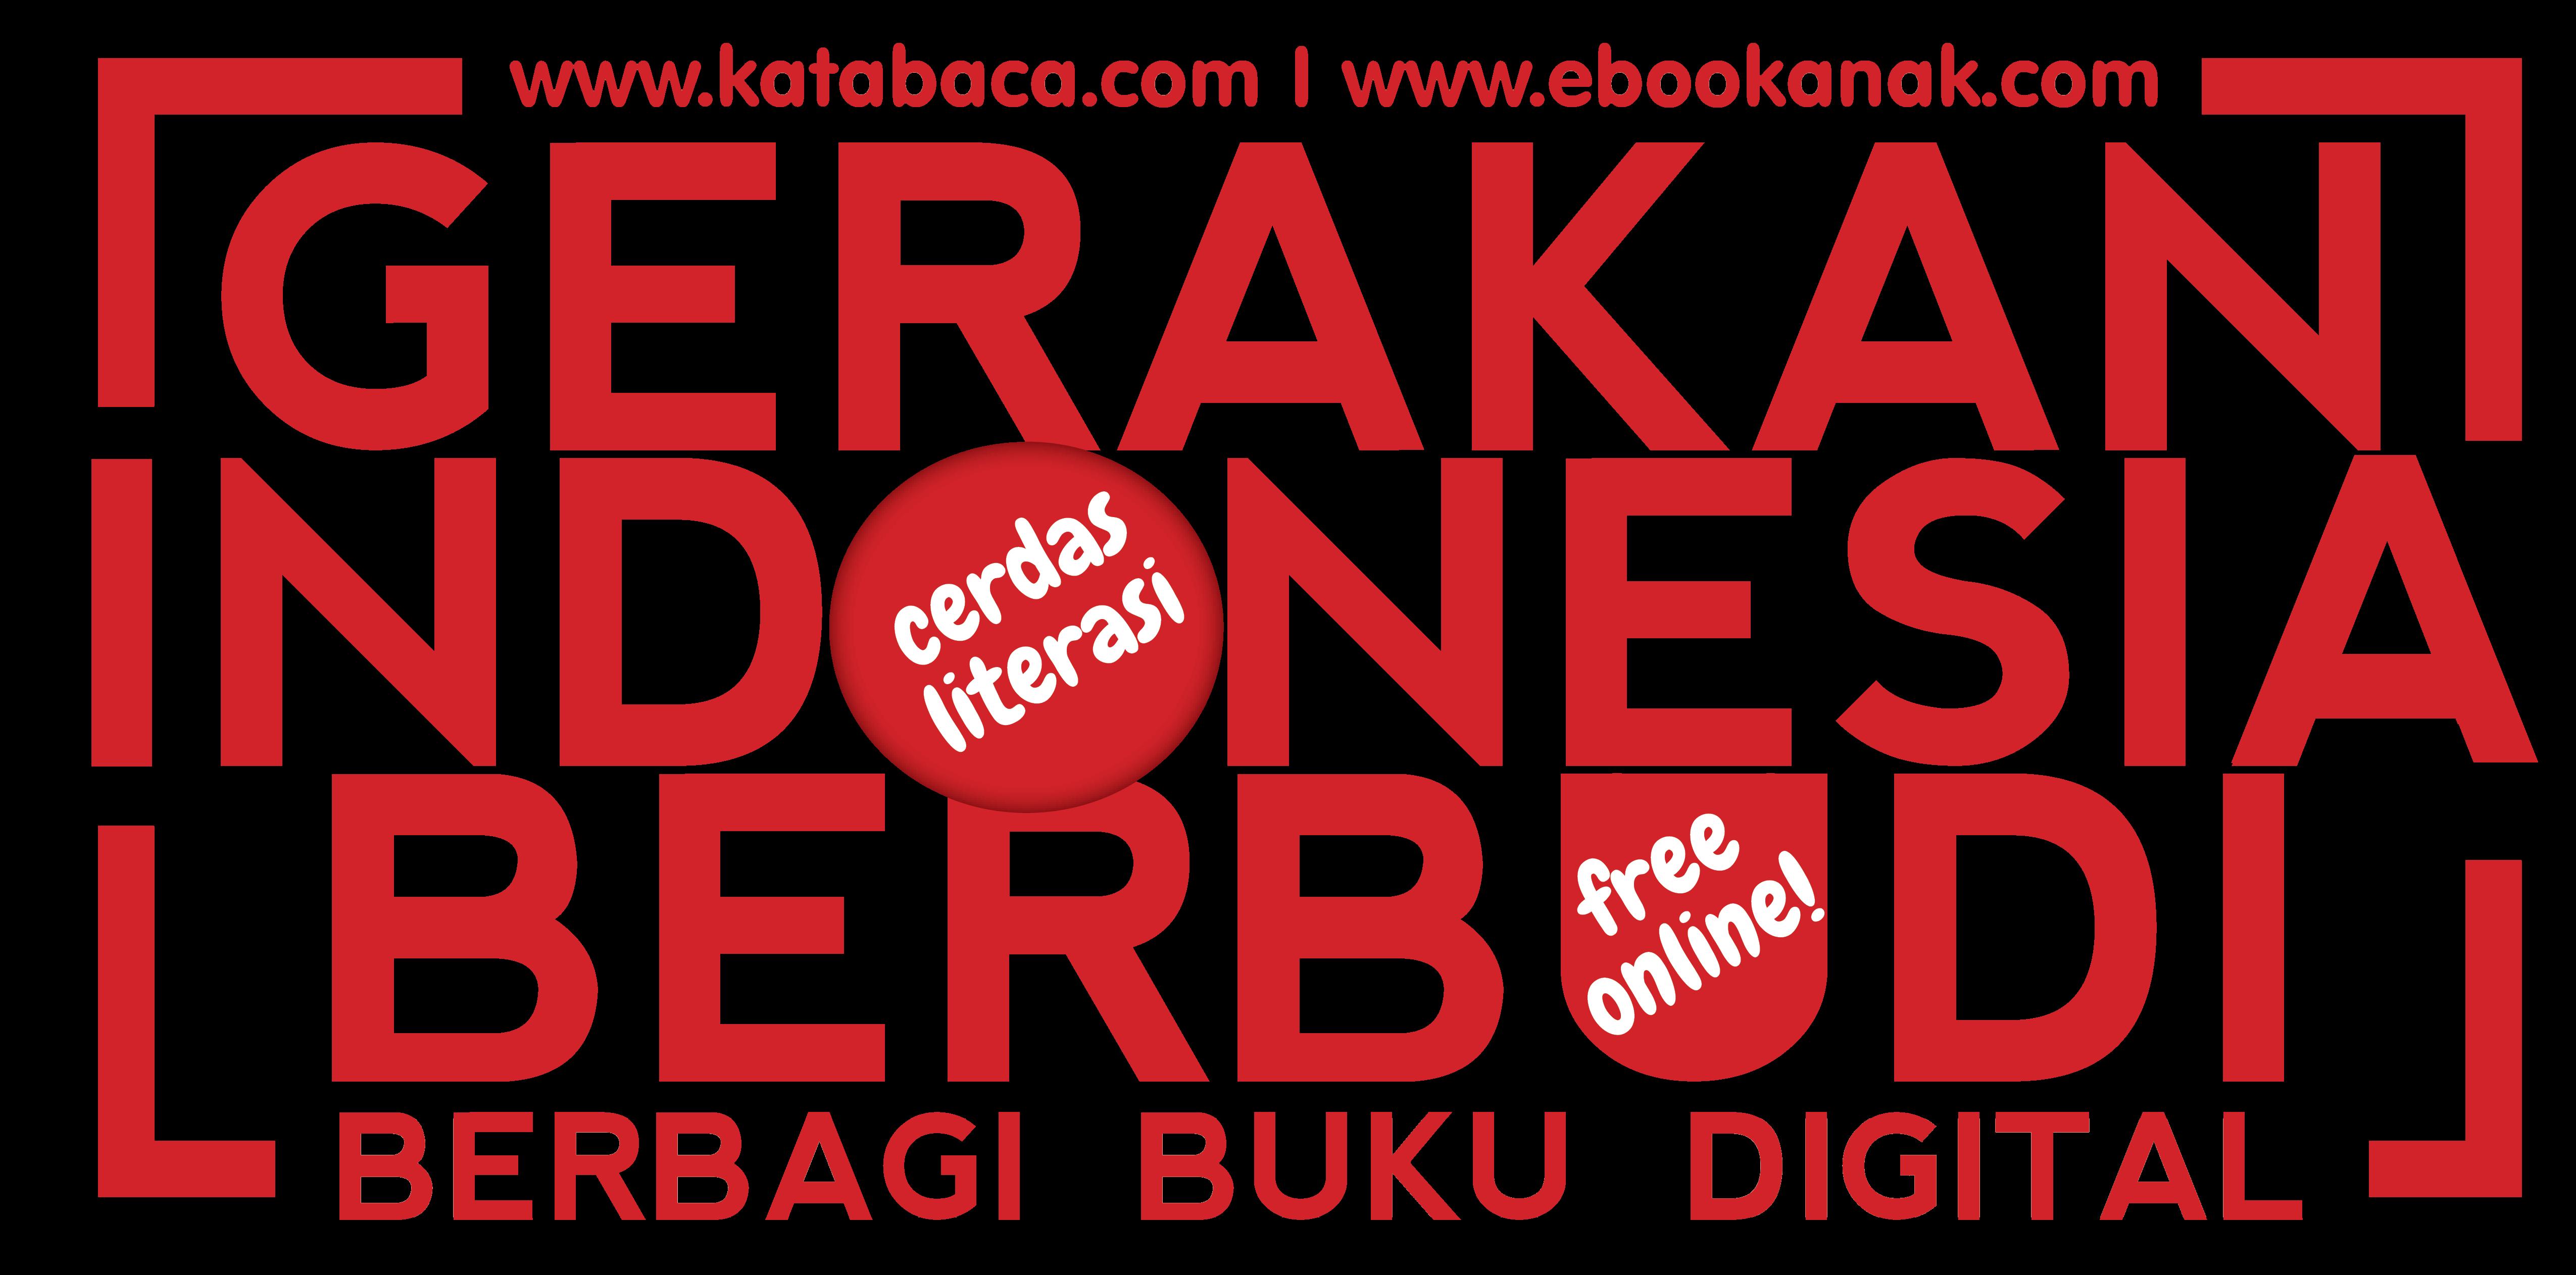 Gerakan Indonesia Berbagi Buku Digital